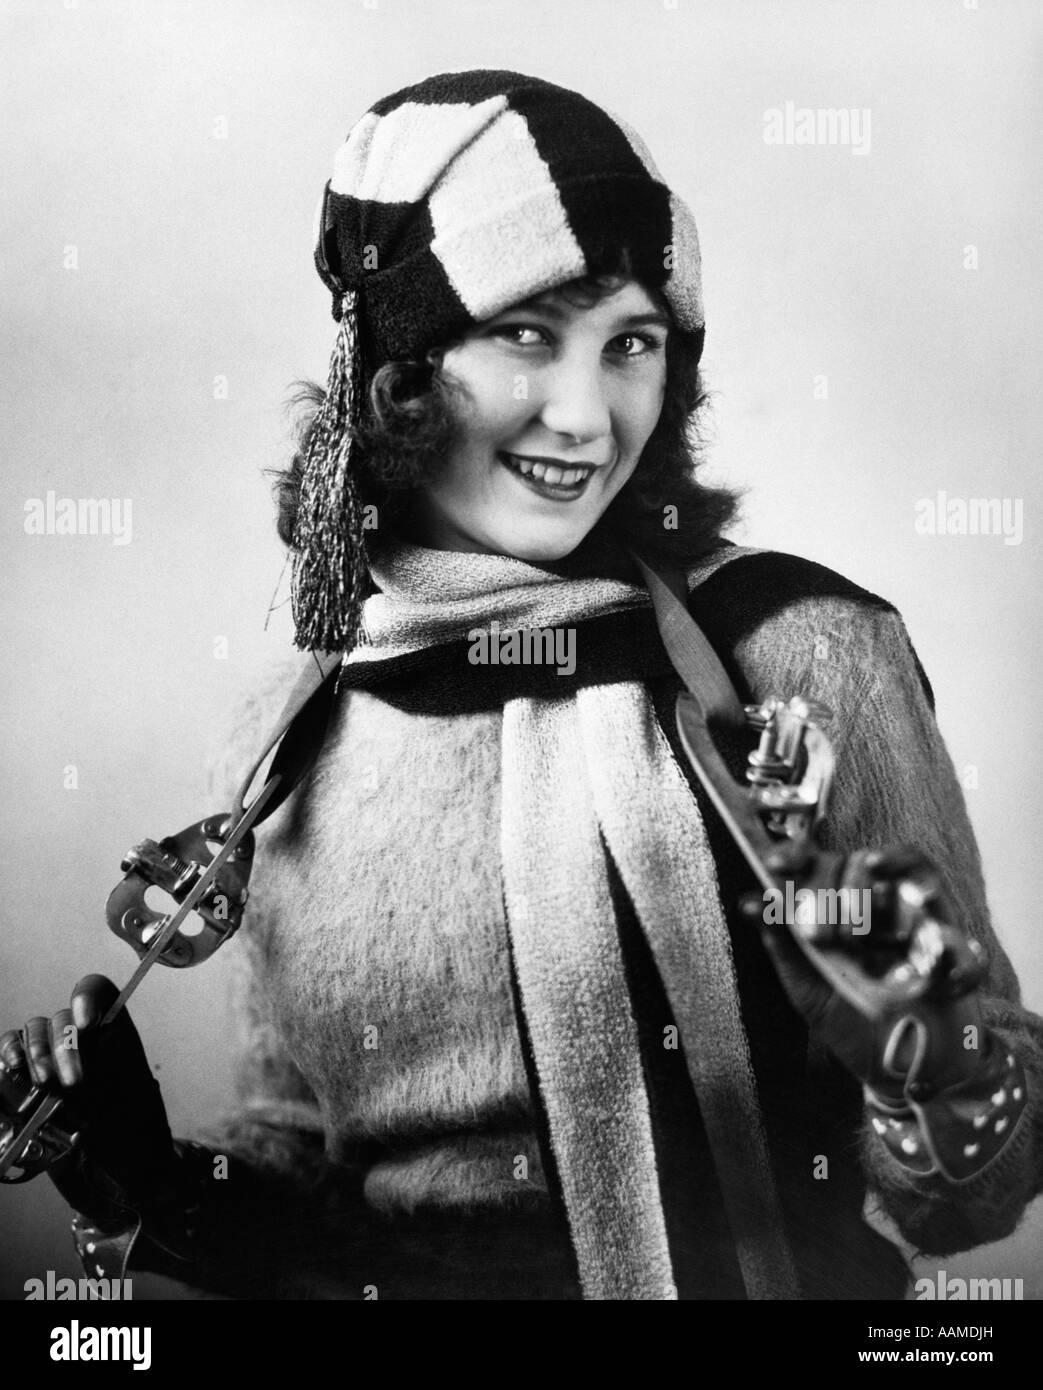 1920s donna che indossa un maglione sciarpa & cappello con strap-on pattini da ghiaccio appeso attorno al collo Immagini Stock